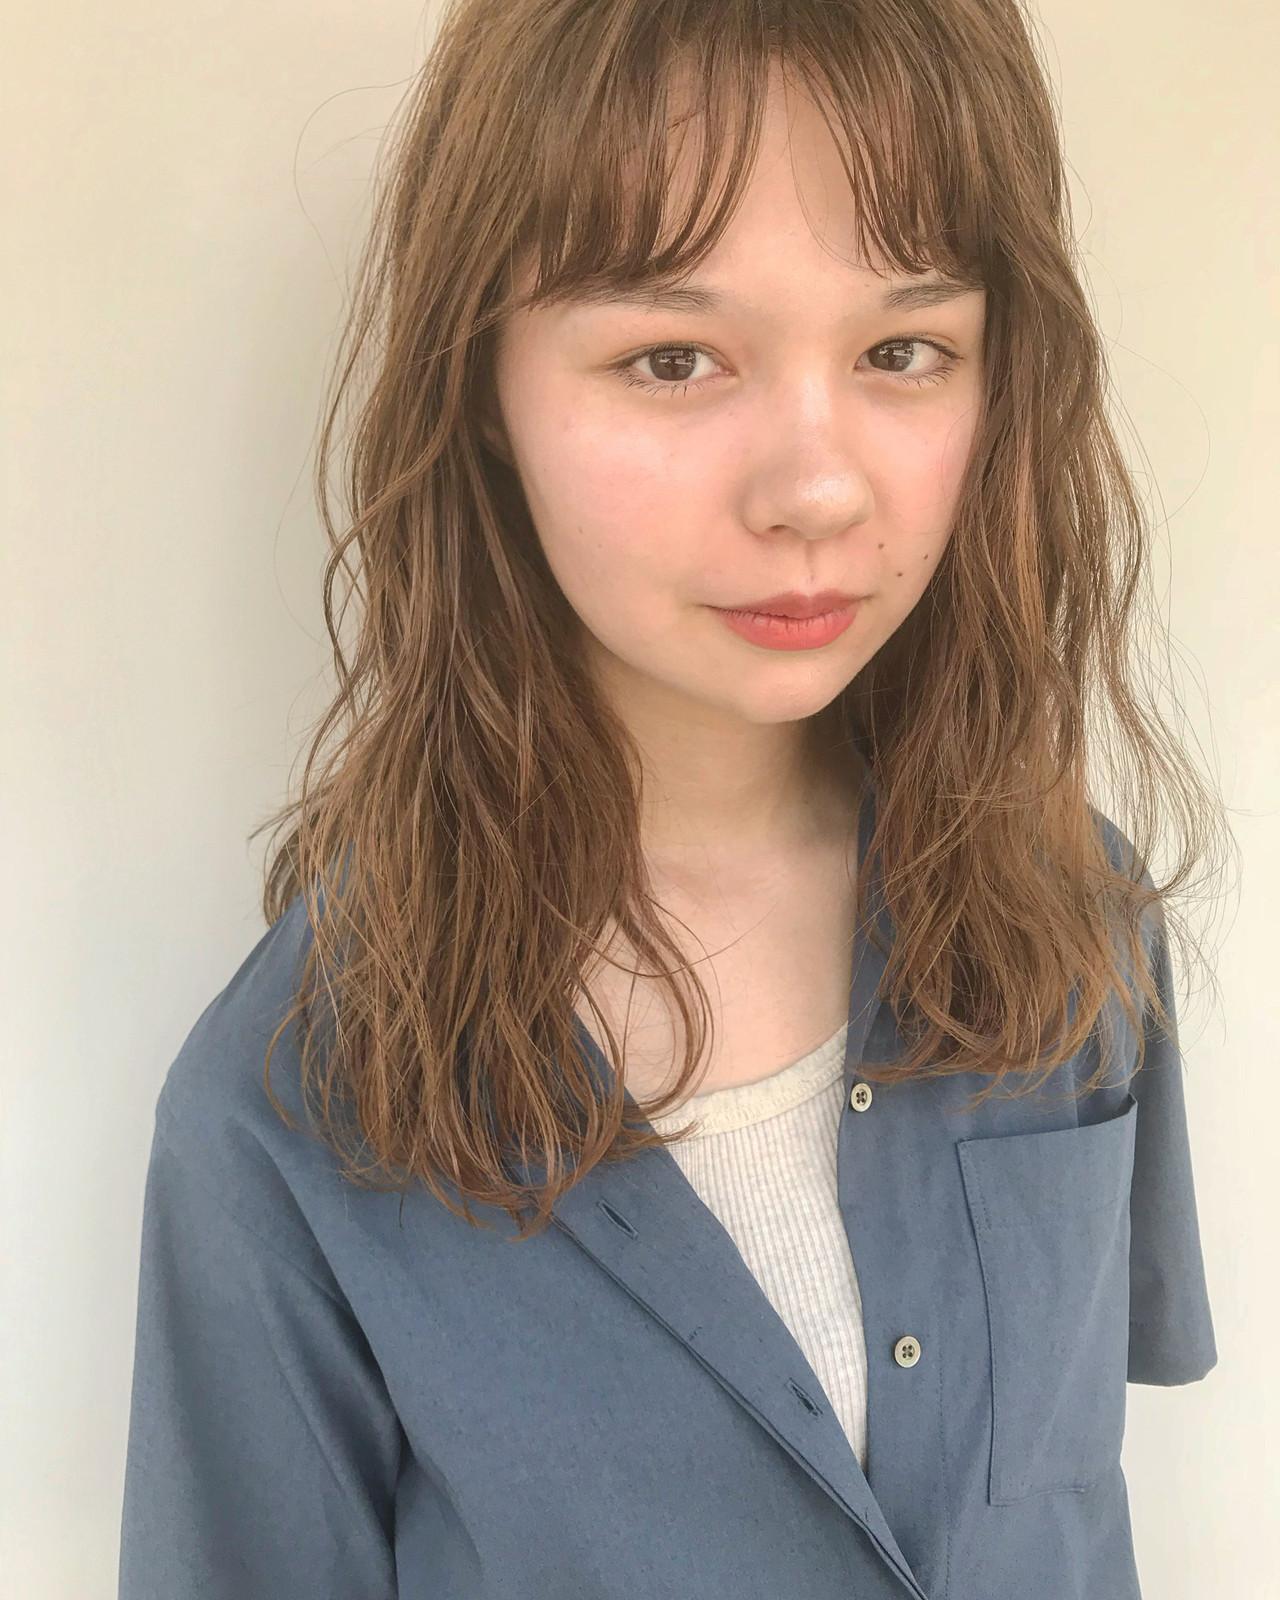 ゆるウェーブ ミルクティーベージュ ナチュラル ブリーチカラー ヘアスタイルや髪型の写真・画像 | SHIHO / balloon hair